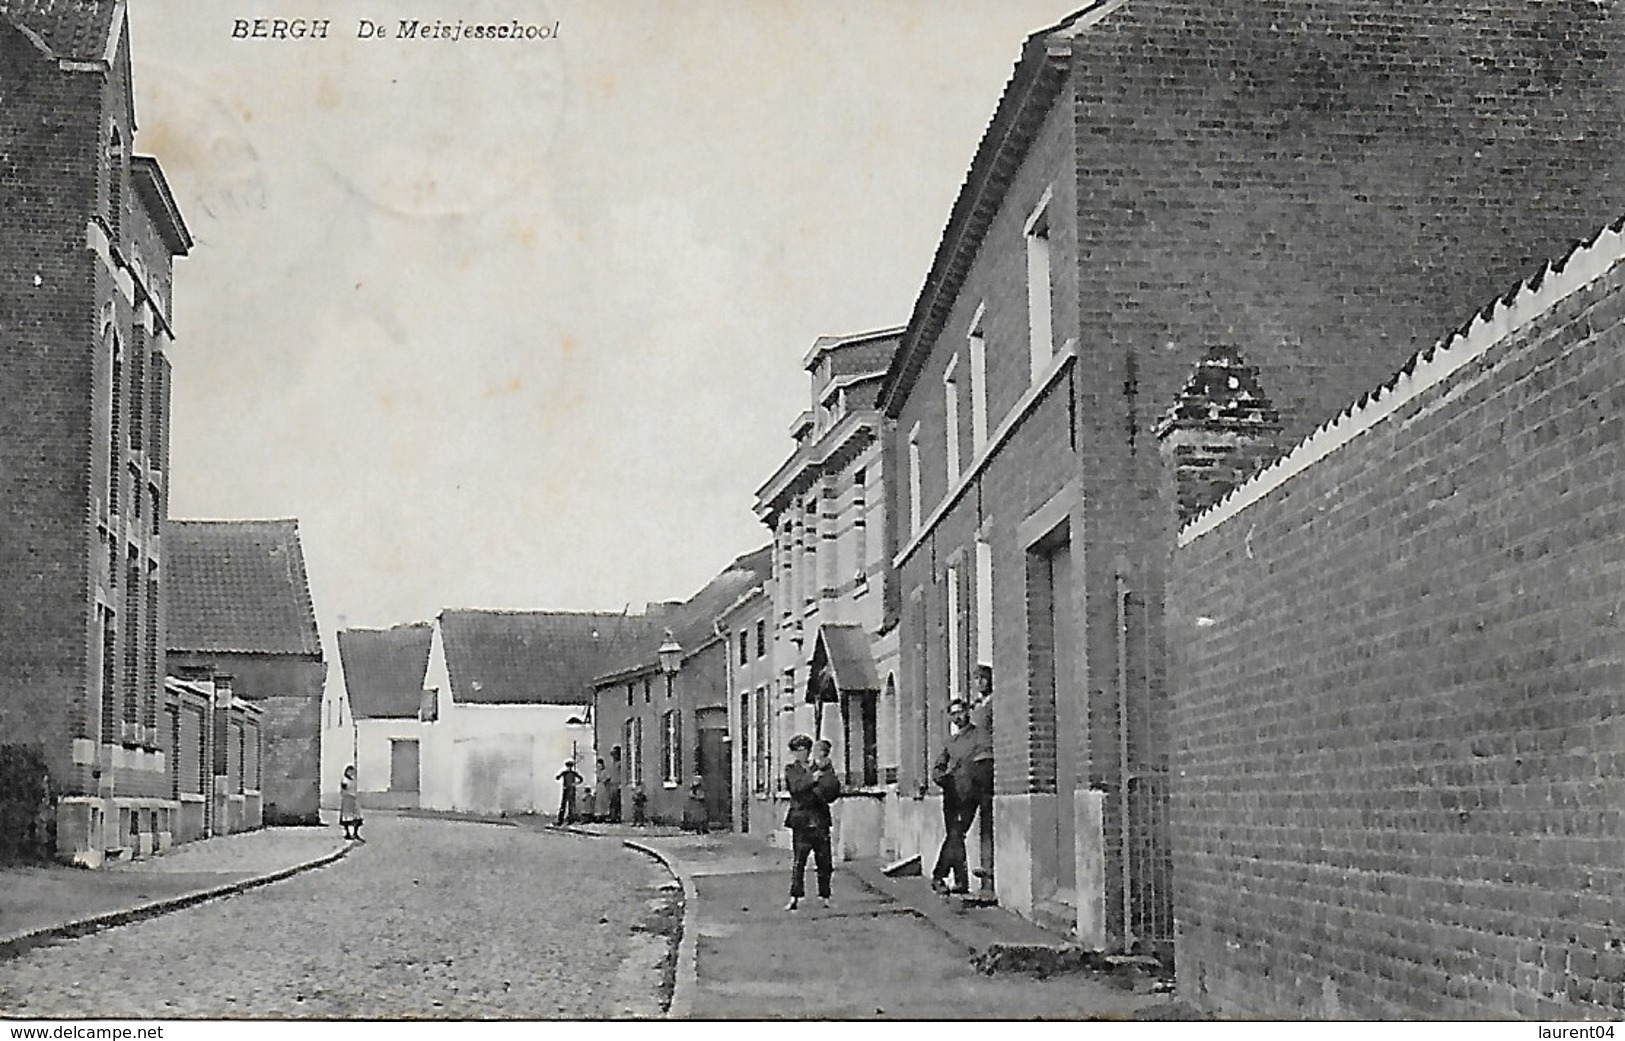 KAMPENHOUT.  BERGH.  DE MEISJESCHOOL. ANIMATION. - Kampenhout